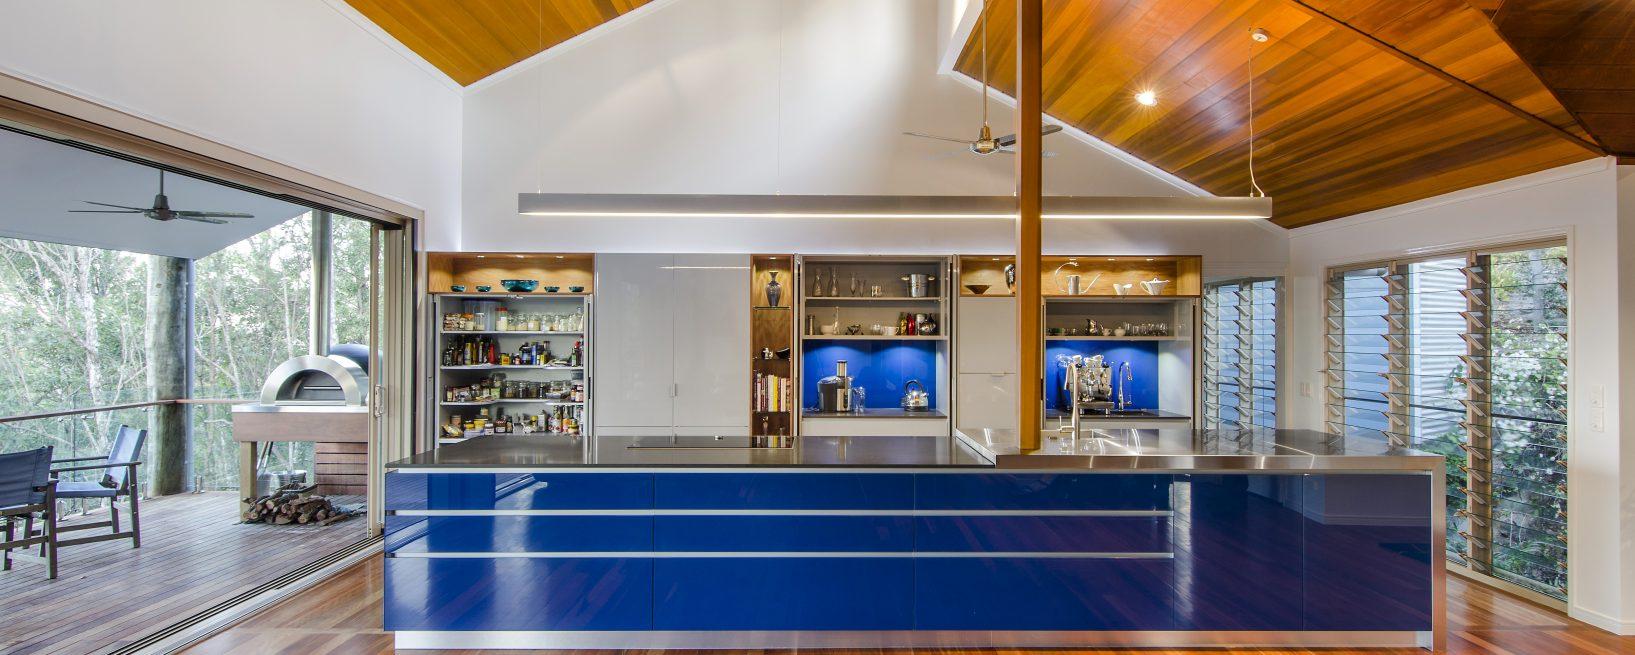 Blue Kitchen Renovation , Pullenvale Brisbane Australia